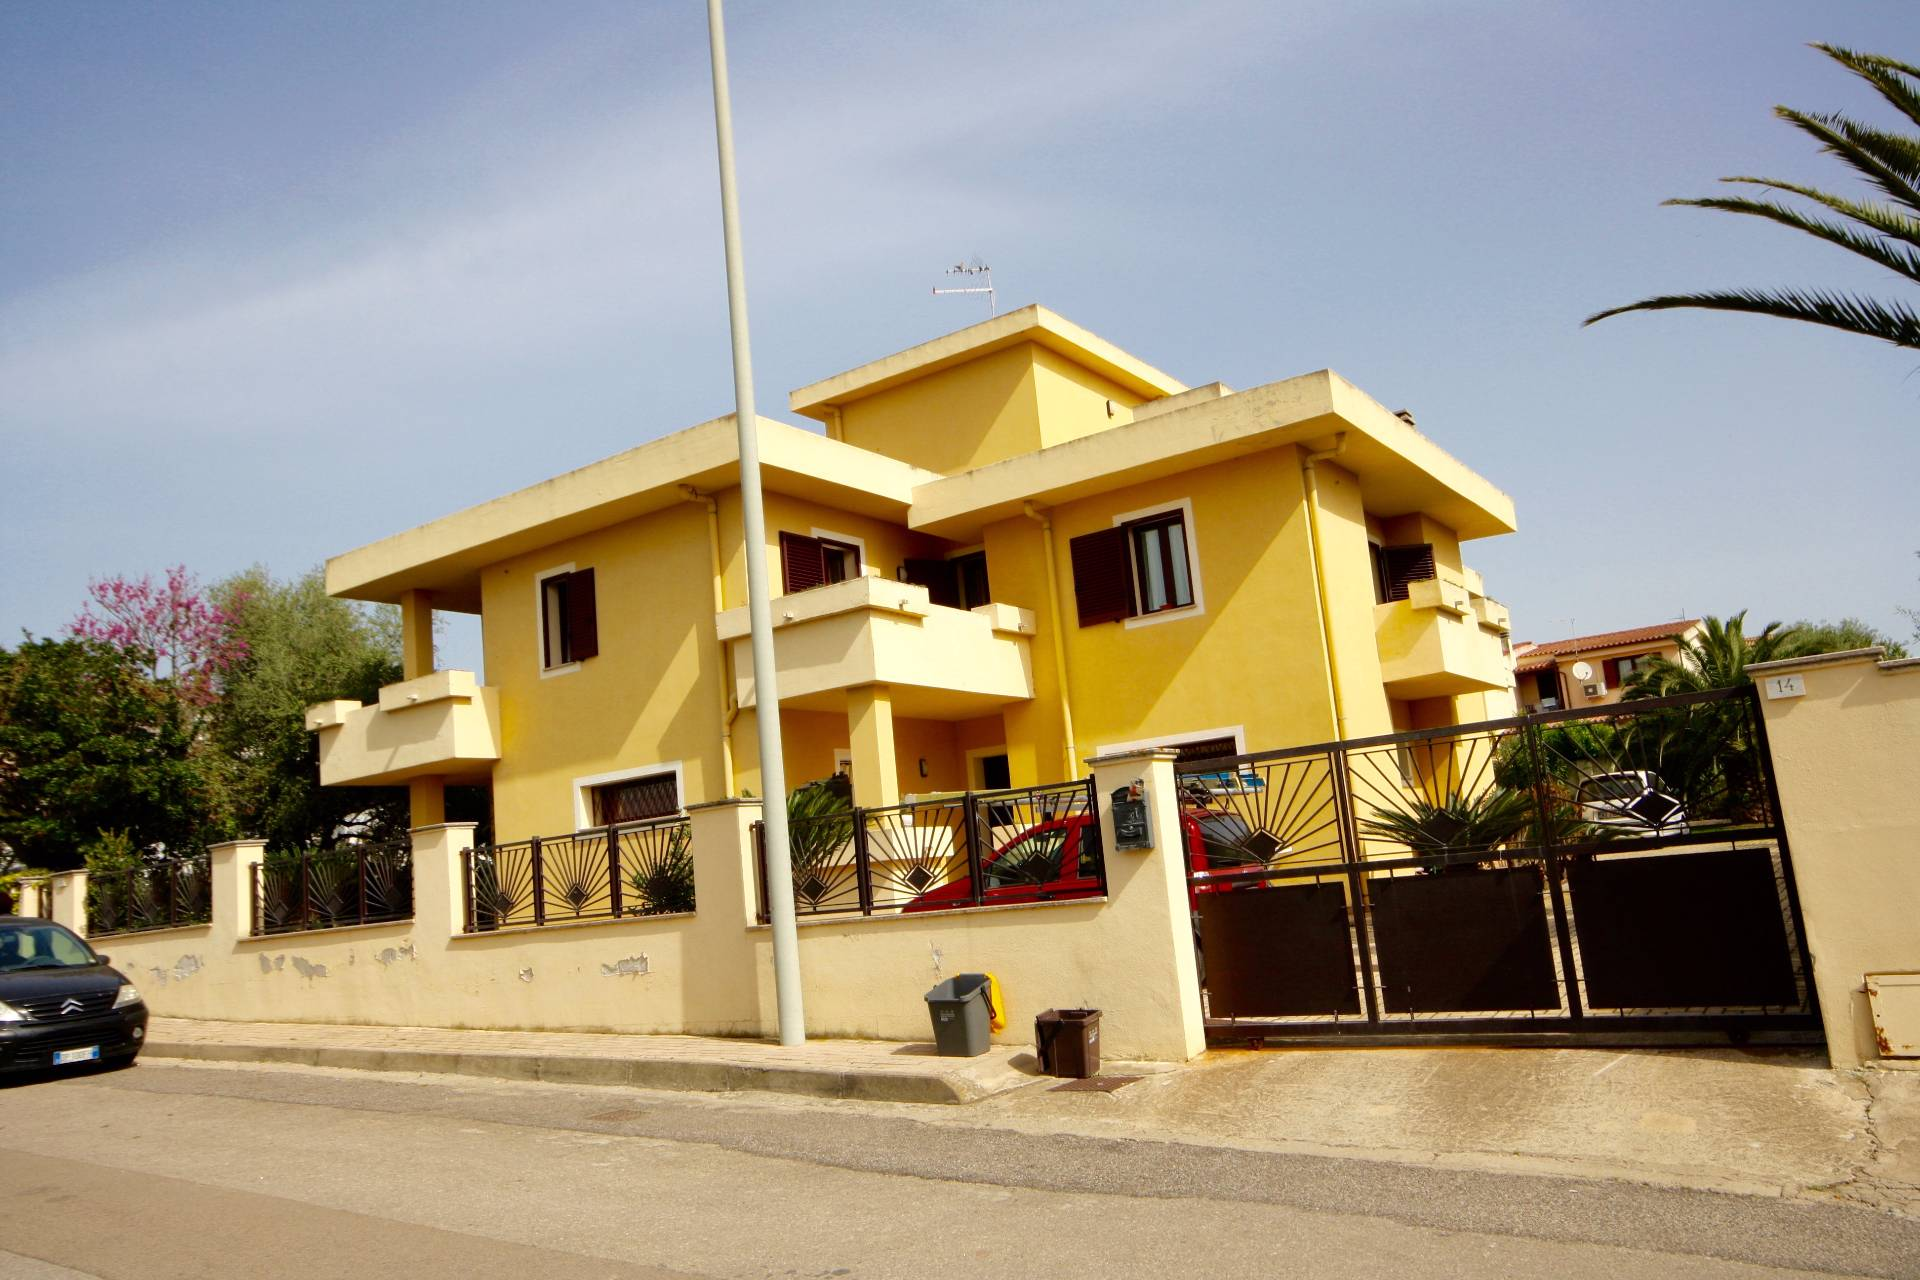 Villa in vendita a Olbia - Porto Rotondo, 12 locali, zona Località: Olbiacittà, prezzo € 750.000 | CambioCasa.it